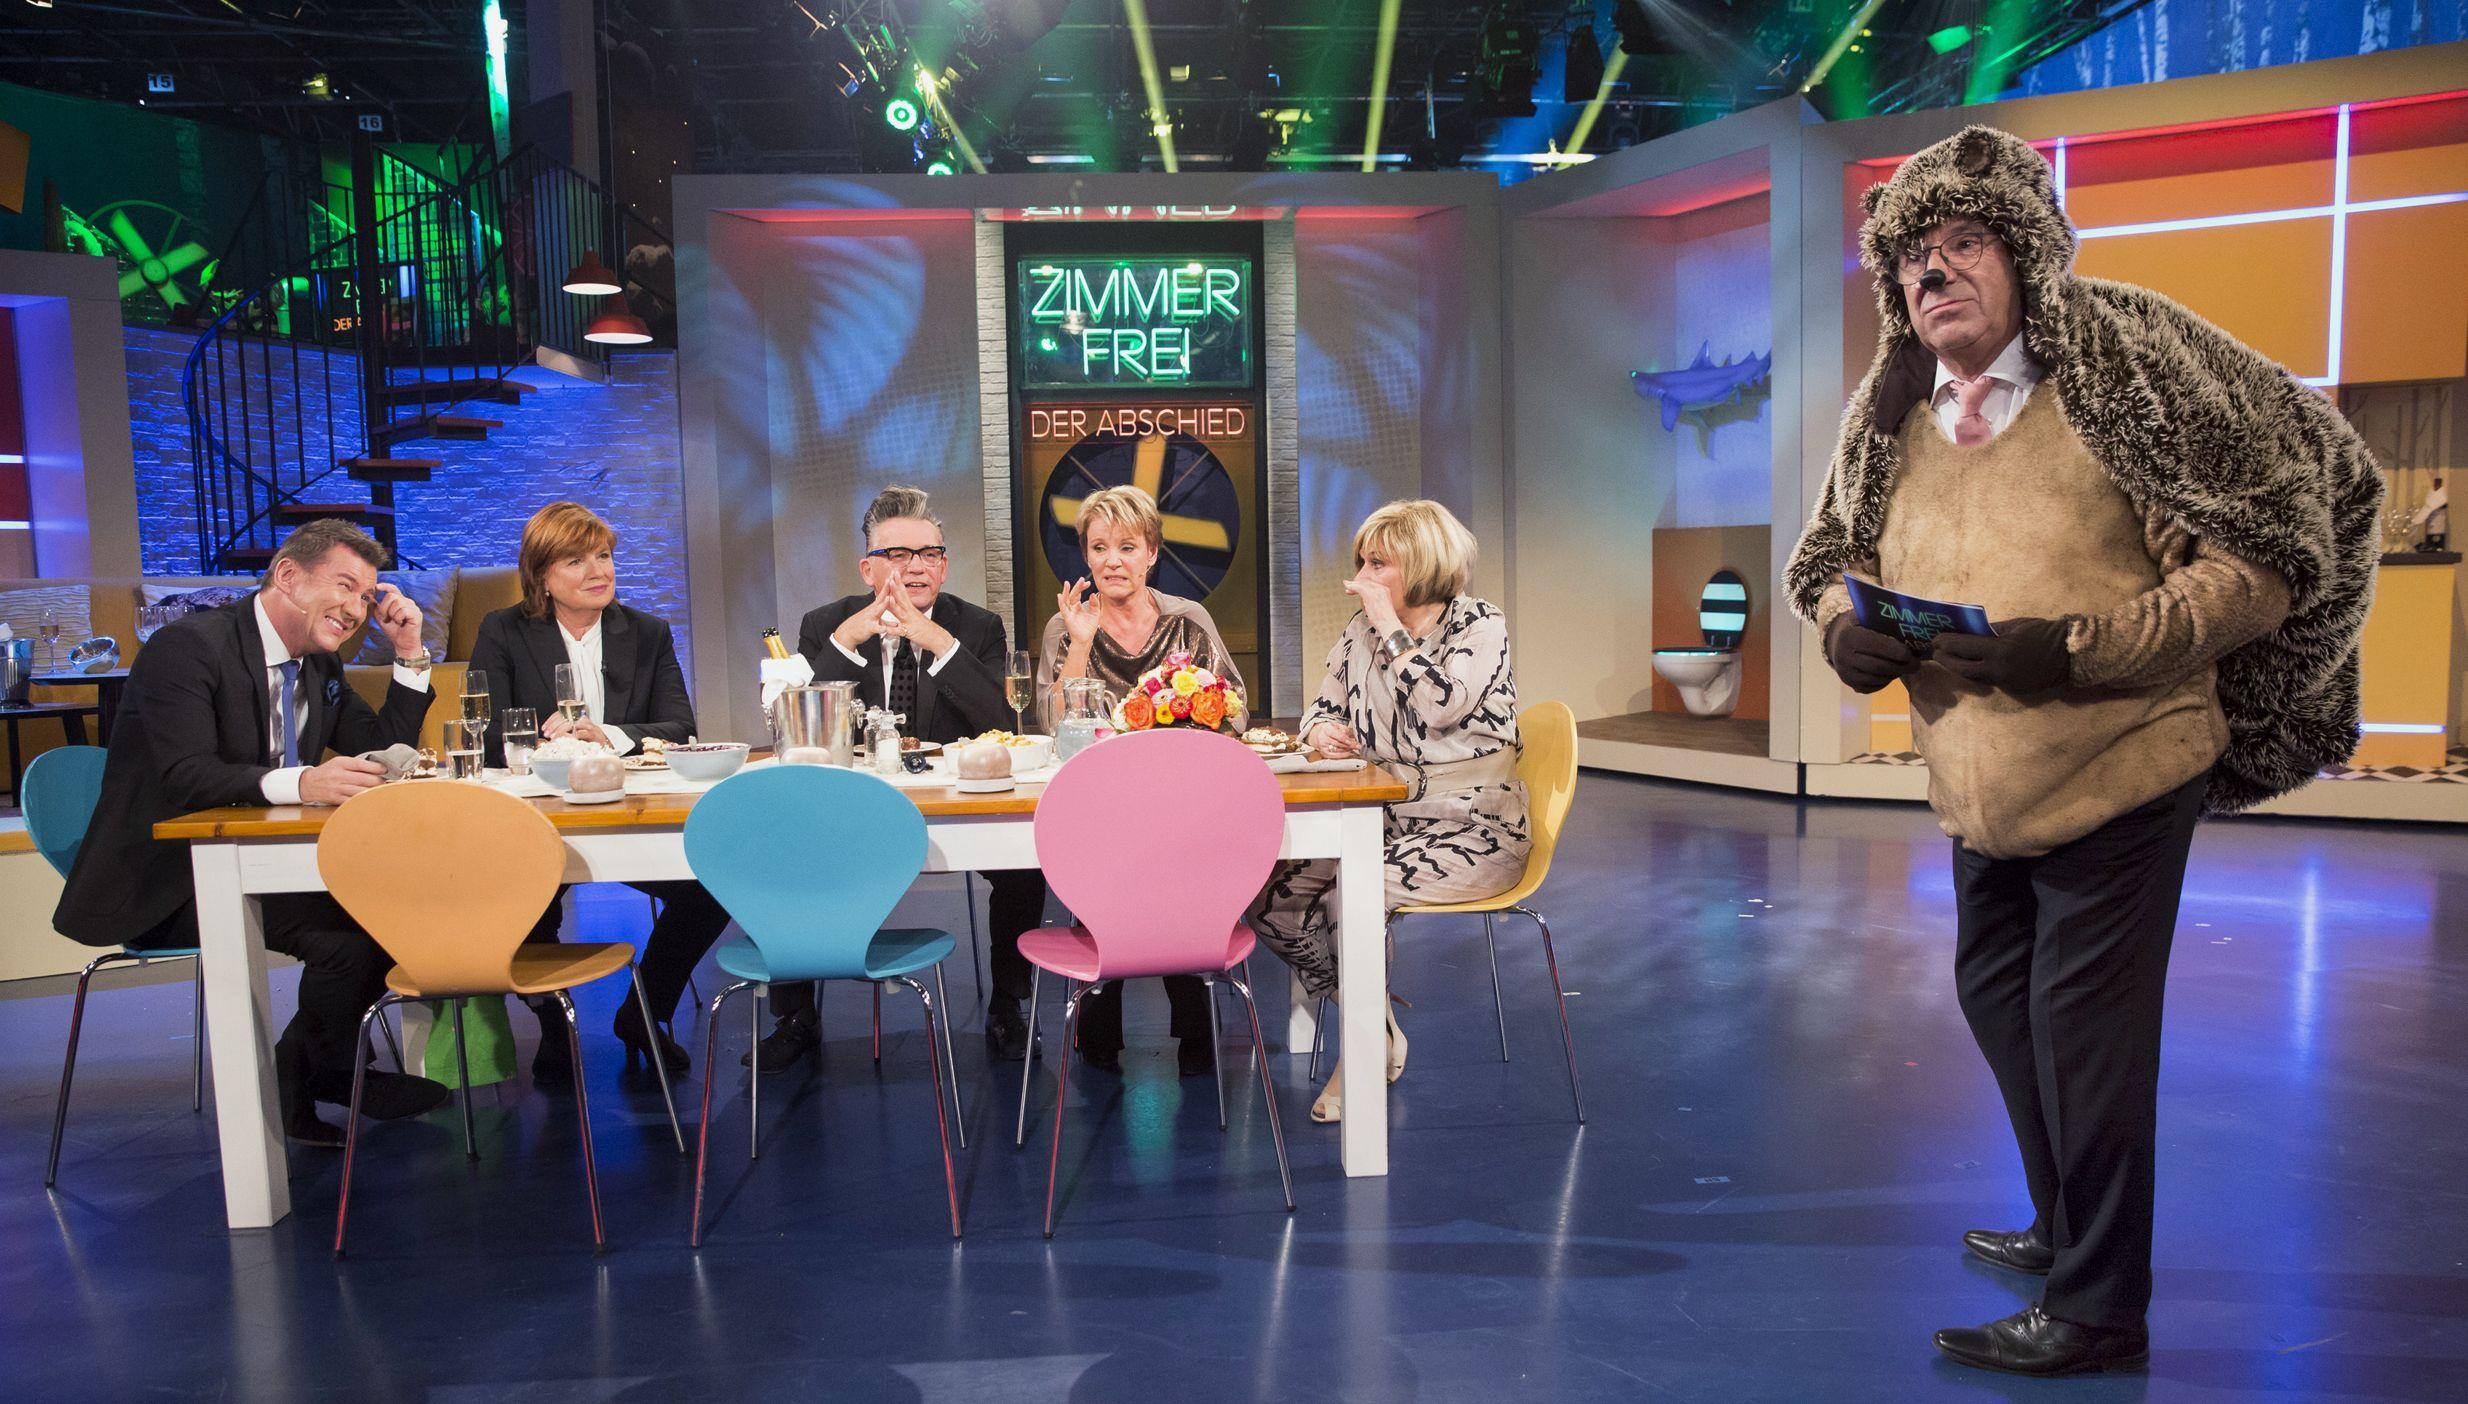 Zimmer frei! - Der Abschied - Götz Alsmann und Christine Westermann mit Jens Riewa, Mariele Millowitsch und Mary Roos